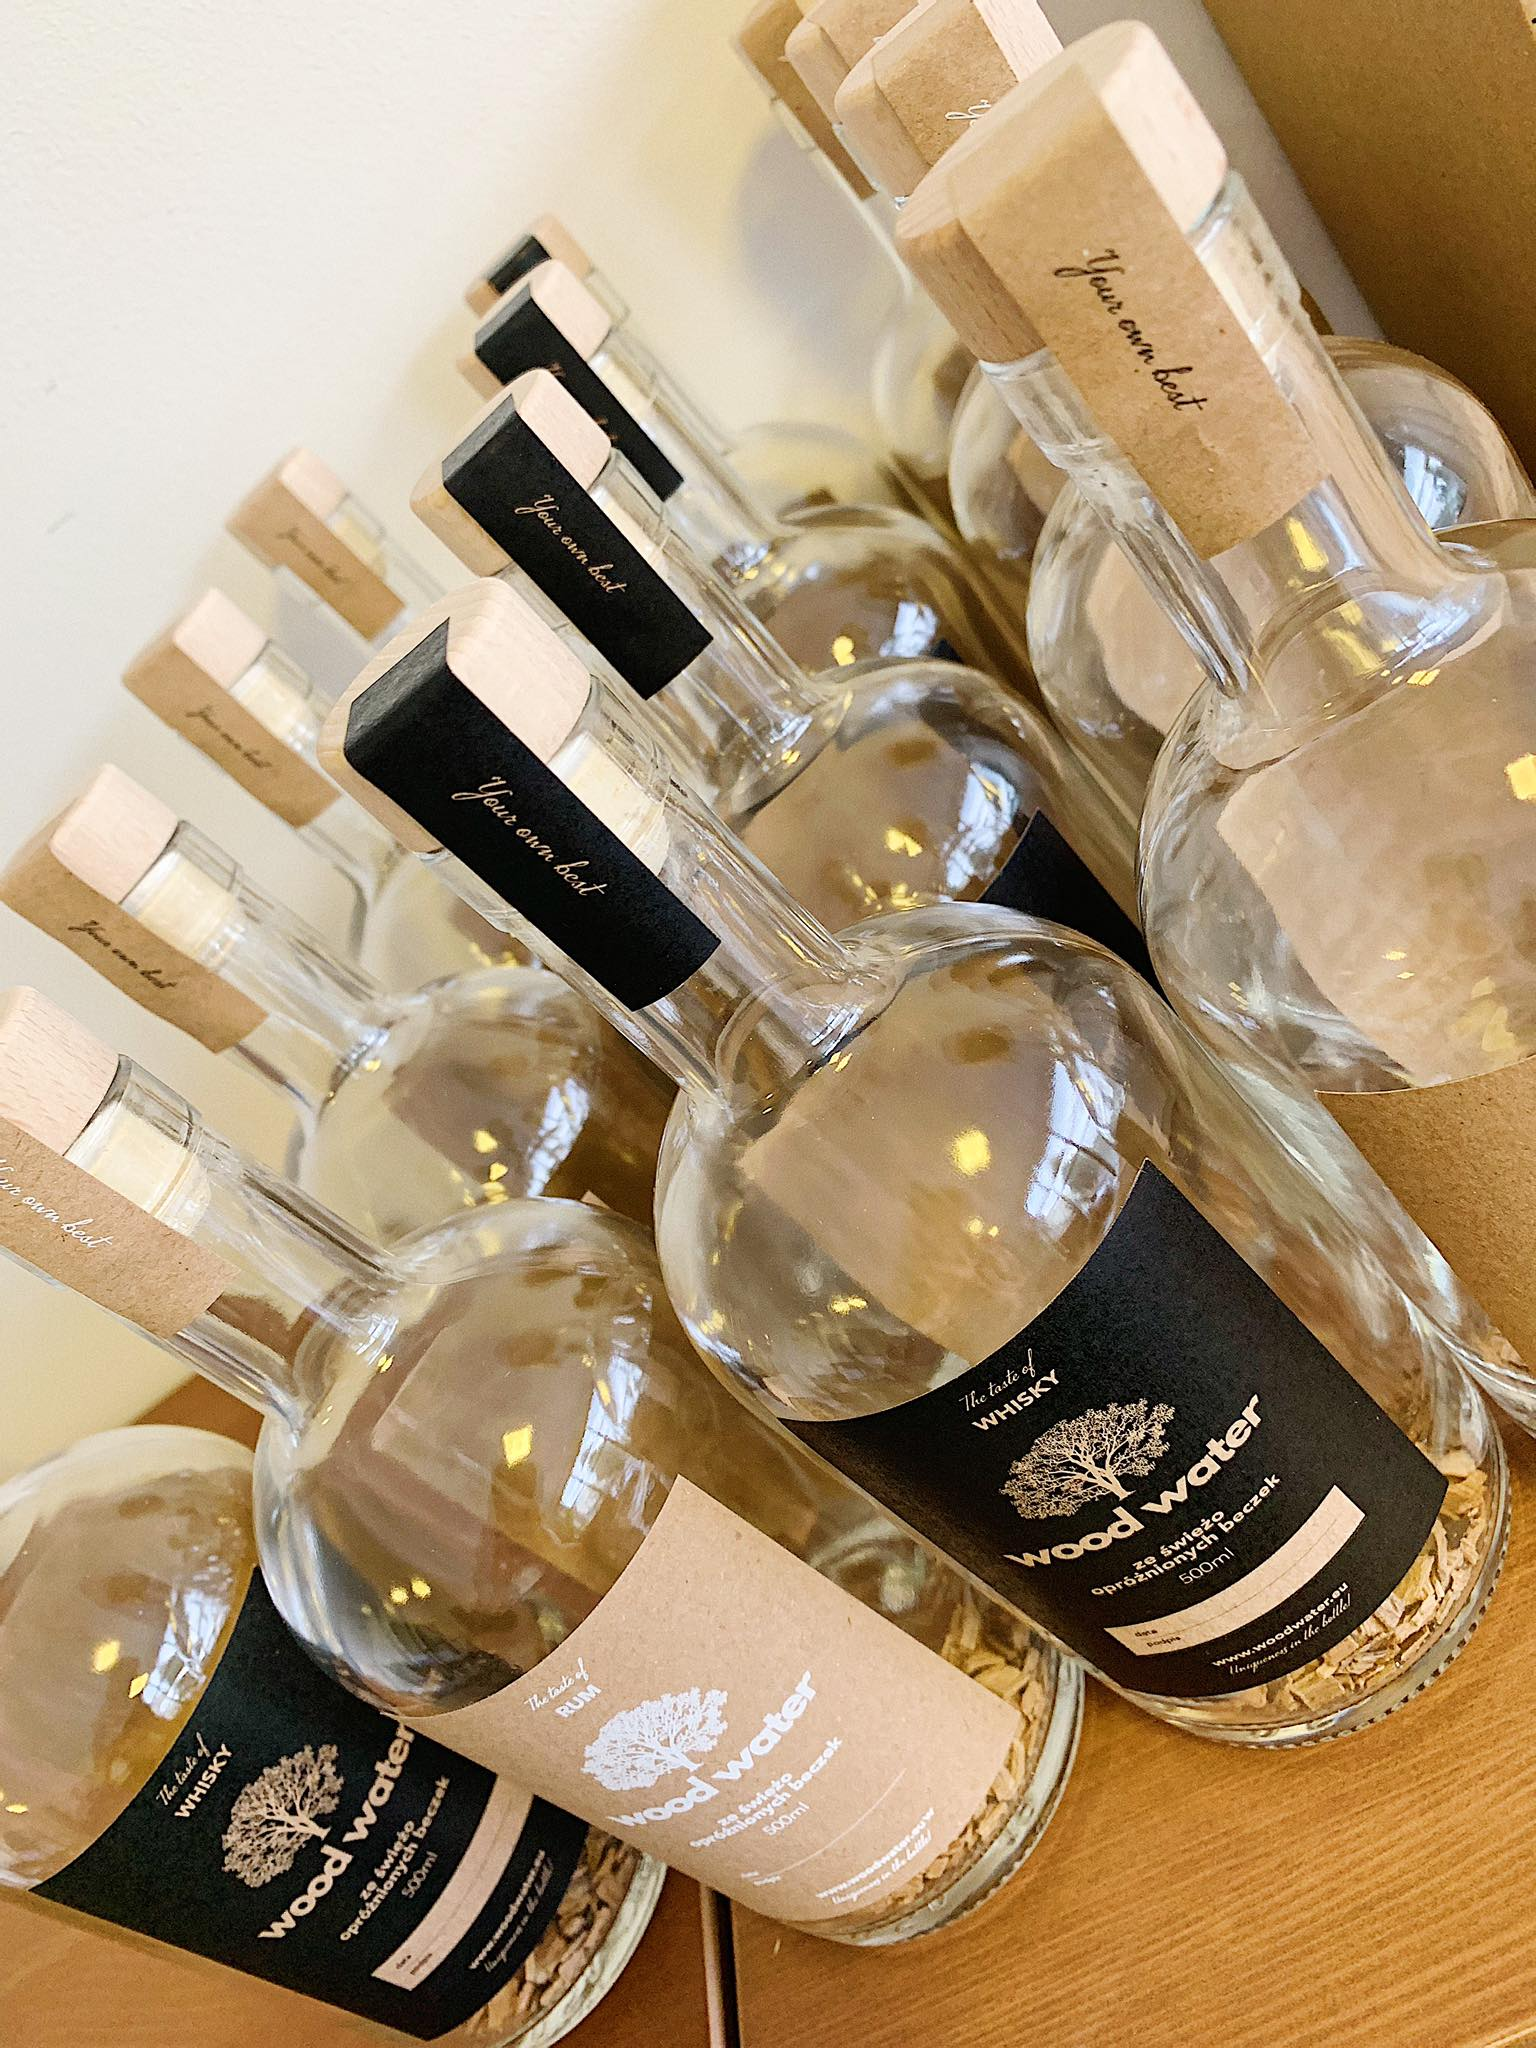 Wood Water to elegancki, smaczny i intrygujący pomysł na prezent! Wyróżnia się również prostotą – płatki wystarczy zalać dowolnie wybranym alkoholem i od tego momentu możemy obserwować zmieniający się kolor i poczuć oryginalny smak oraz zapach. Płatki drewniane są uzyskiwane w procesie rozdrobnienia świeżo opróżnionych beczek dębowych, które przesiąknęły leżakującym w nich alkoholem. Posiadają one doskonały aromat, dzięki czemu łagodzą zapach czystego alkoholu i dodatkowo nadają mu oryginalnego koloru. W prezentowanym zestawie oferujemy duet eleganckich butelek z drewnianymi płatkami pozyskanymi z dębowych beczek po whisky/rum/bourbon, które wystarczy zalać czystym alkoholem by uzyskać nietuzinkowy efekt. W zestawie: 2 butelki o pojemności 500 ml każda, płatki drewniane pozyskane z dębowych beczek po whisky/rum/bourbon, instrukcja obsługi, ozdobne opakowanie. Własnoręcznie zapakowany przez nas produkt zostanie do Ciebie przesłany w wyjątkowym pudełku. Dokładamy wszelkich starań, aby na